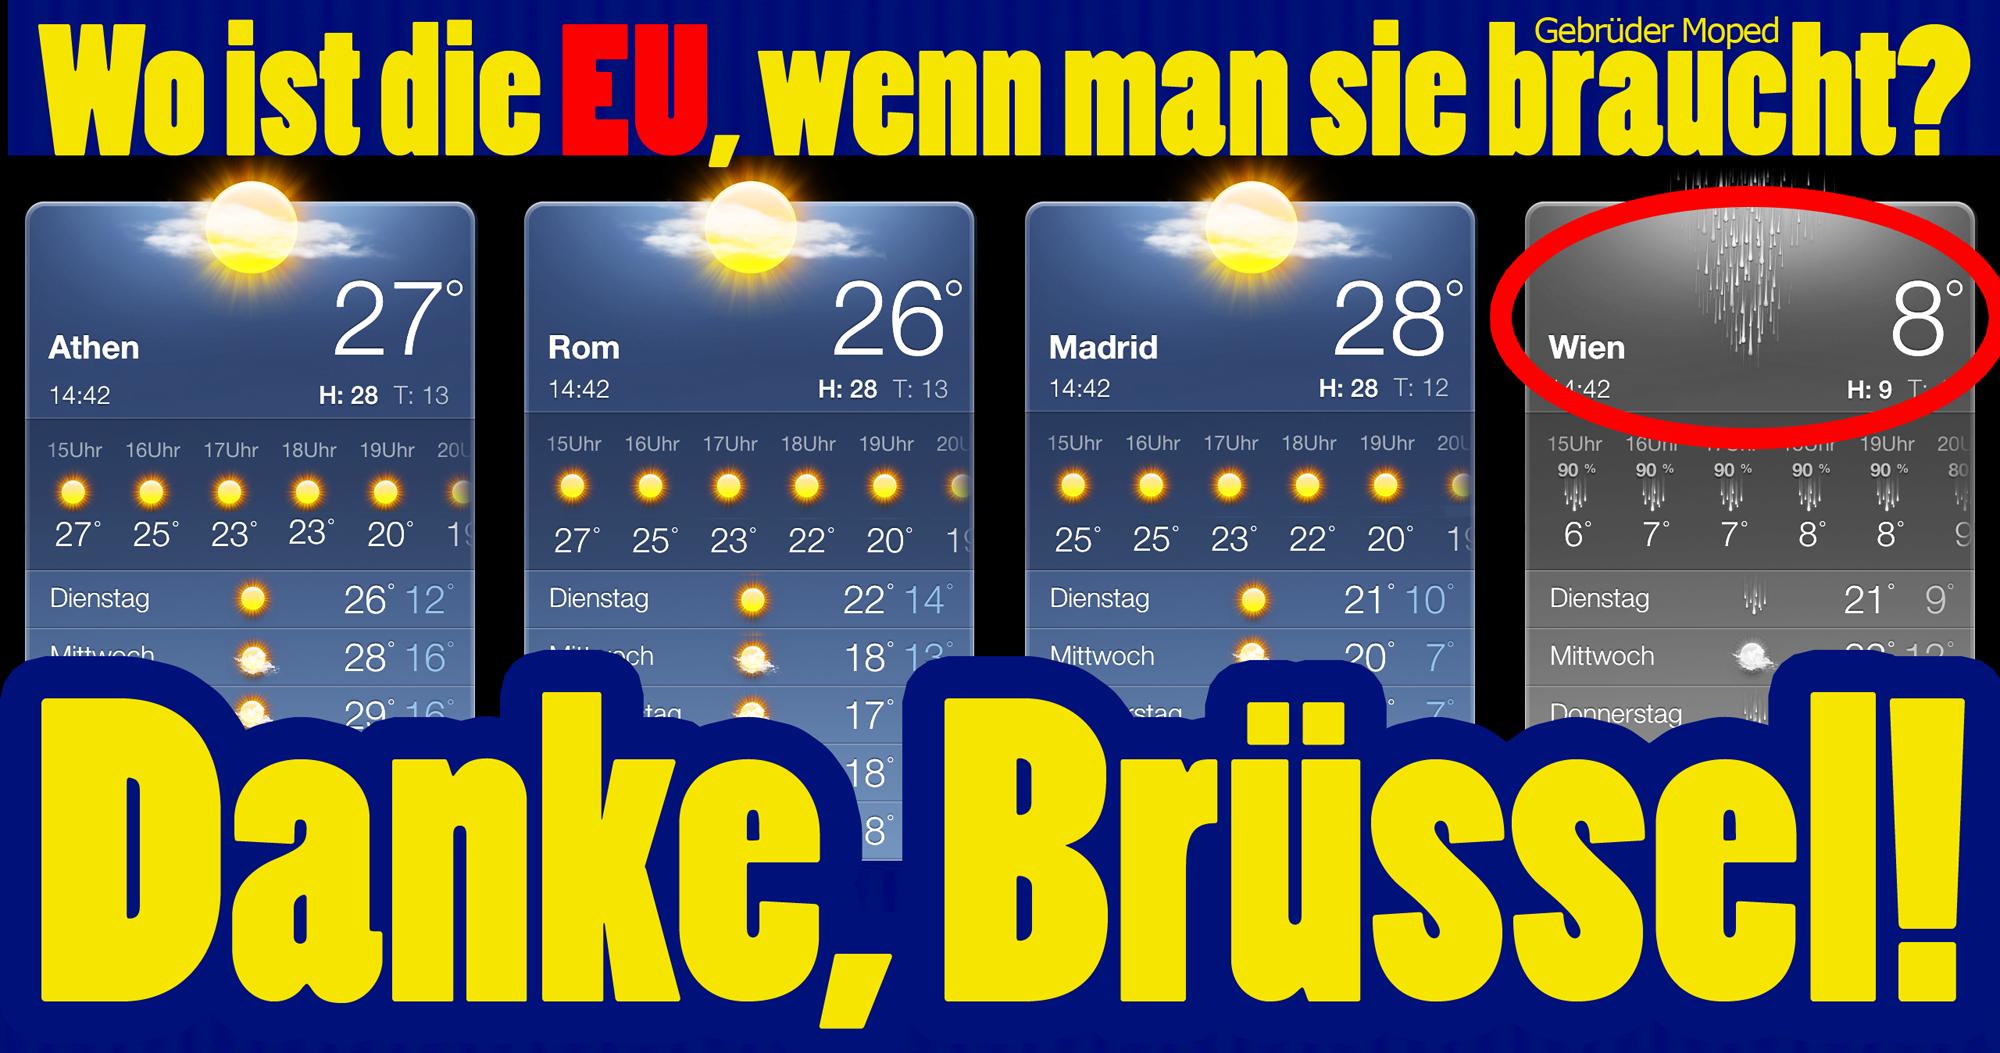 Danke, Brüssel! Wo ist die EU, wenn man sie braucht?